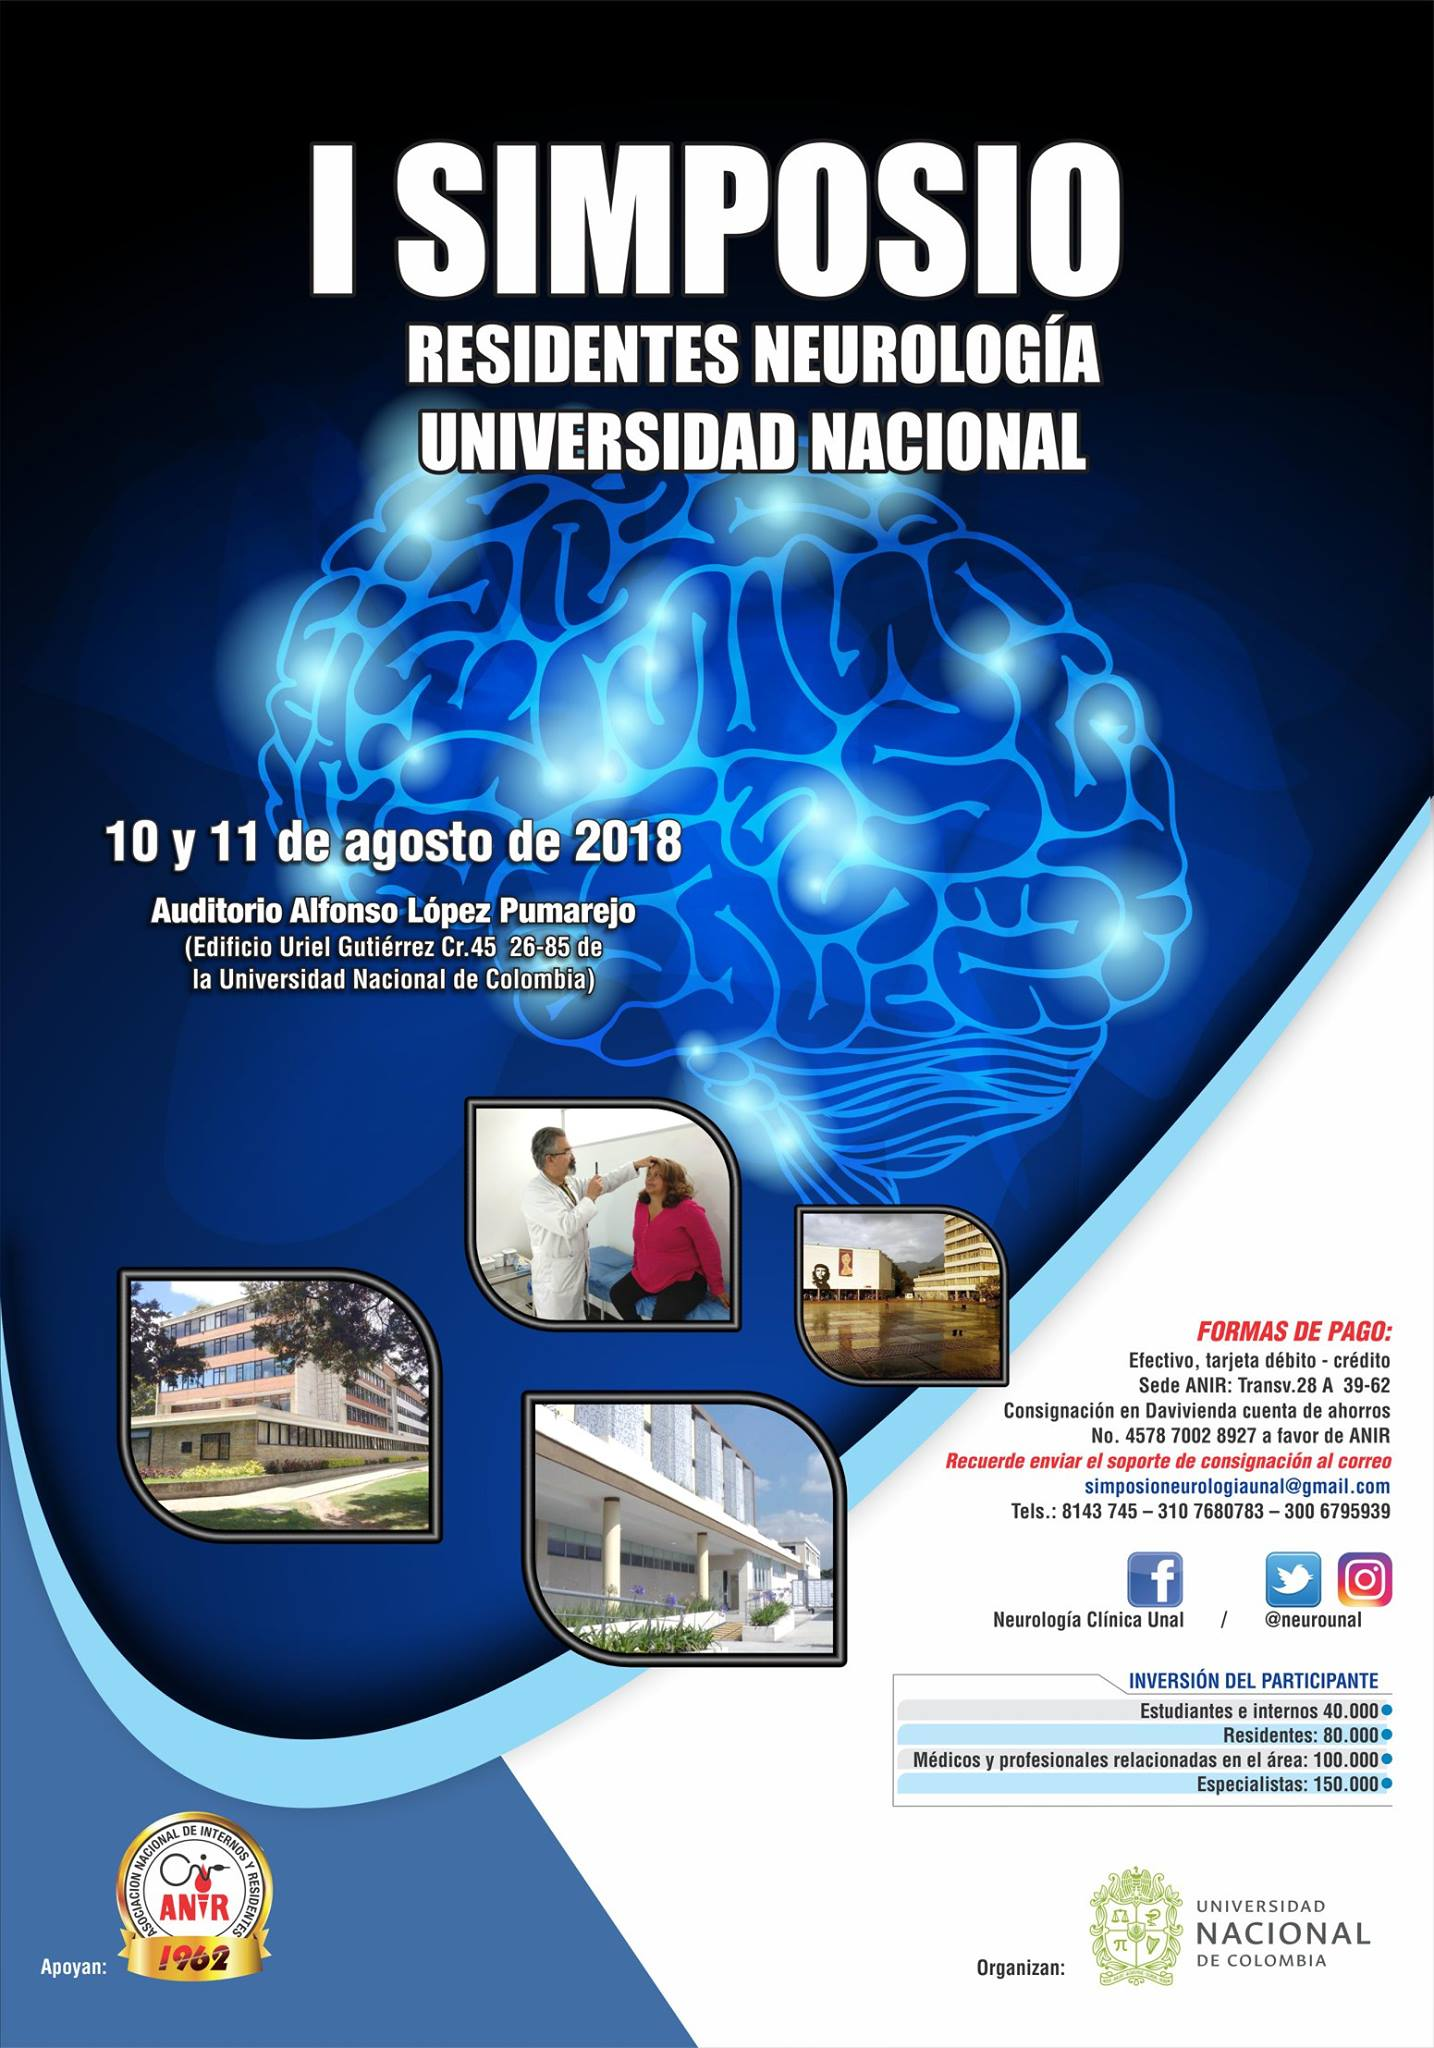 I Simposio de Residentes de Neurología de la Universidad Nacional de Colombia